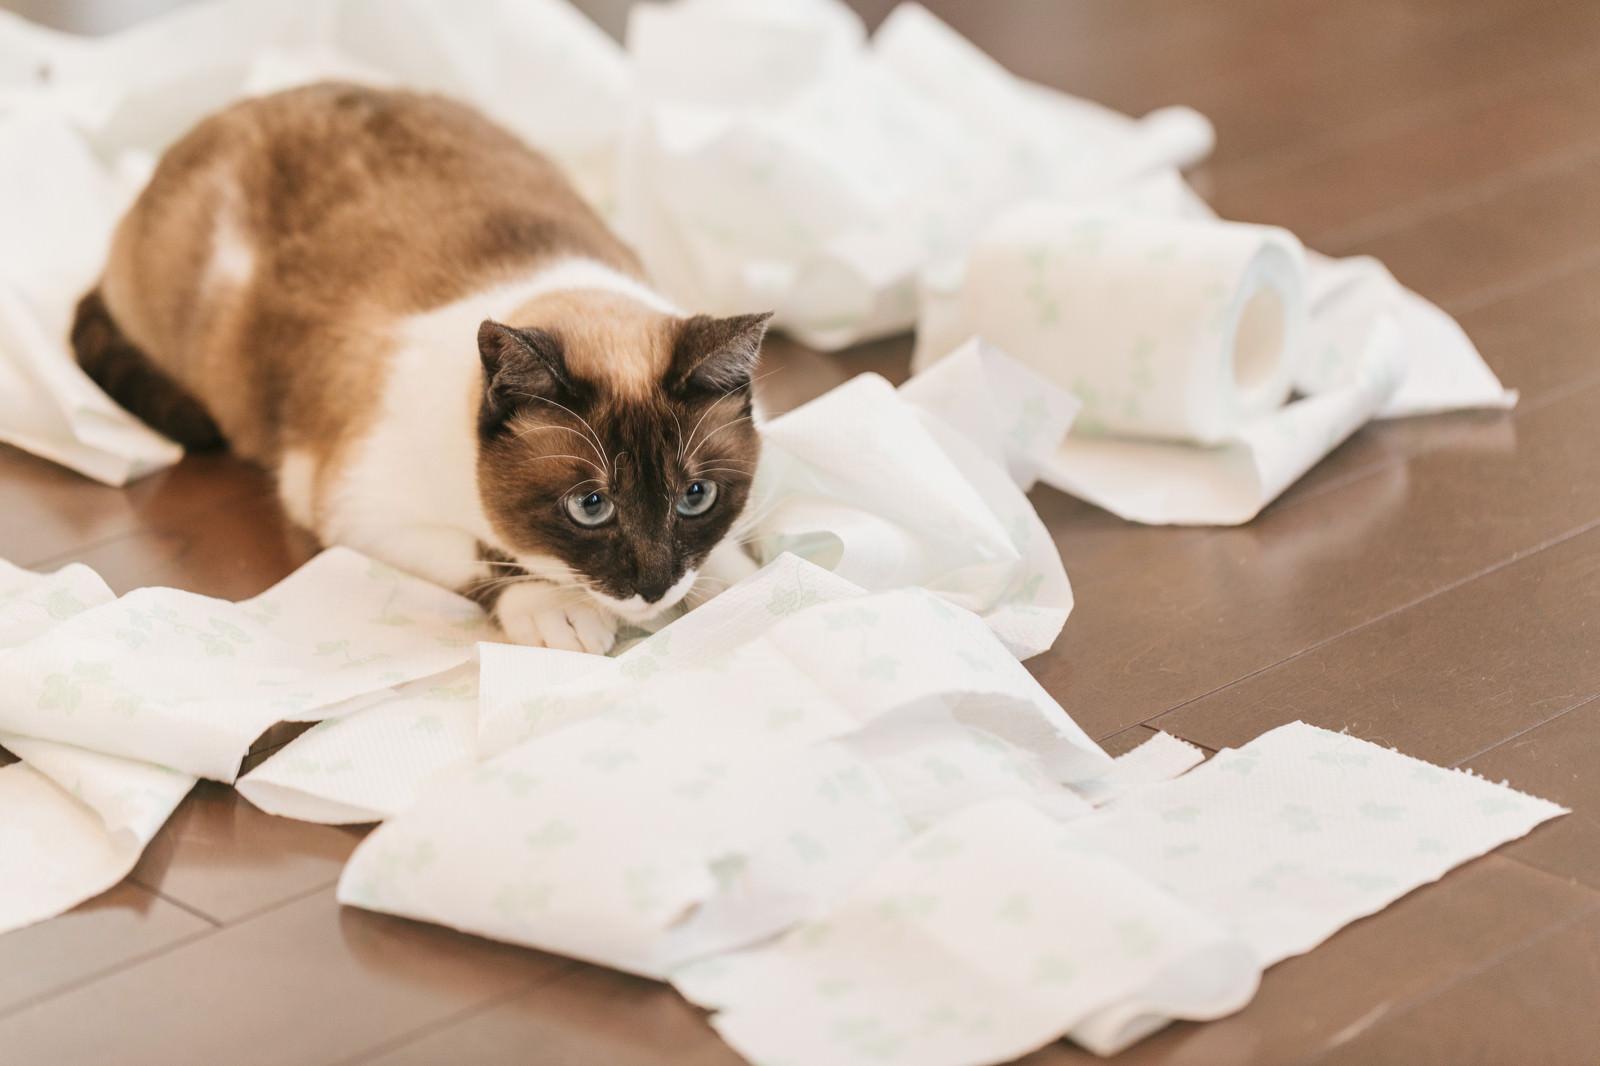 「テッシュを散らかし、満足げな猫テッシュを散らかし、満足げな猫」のフリー写真素材を拡大